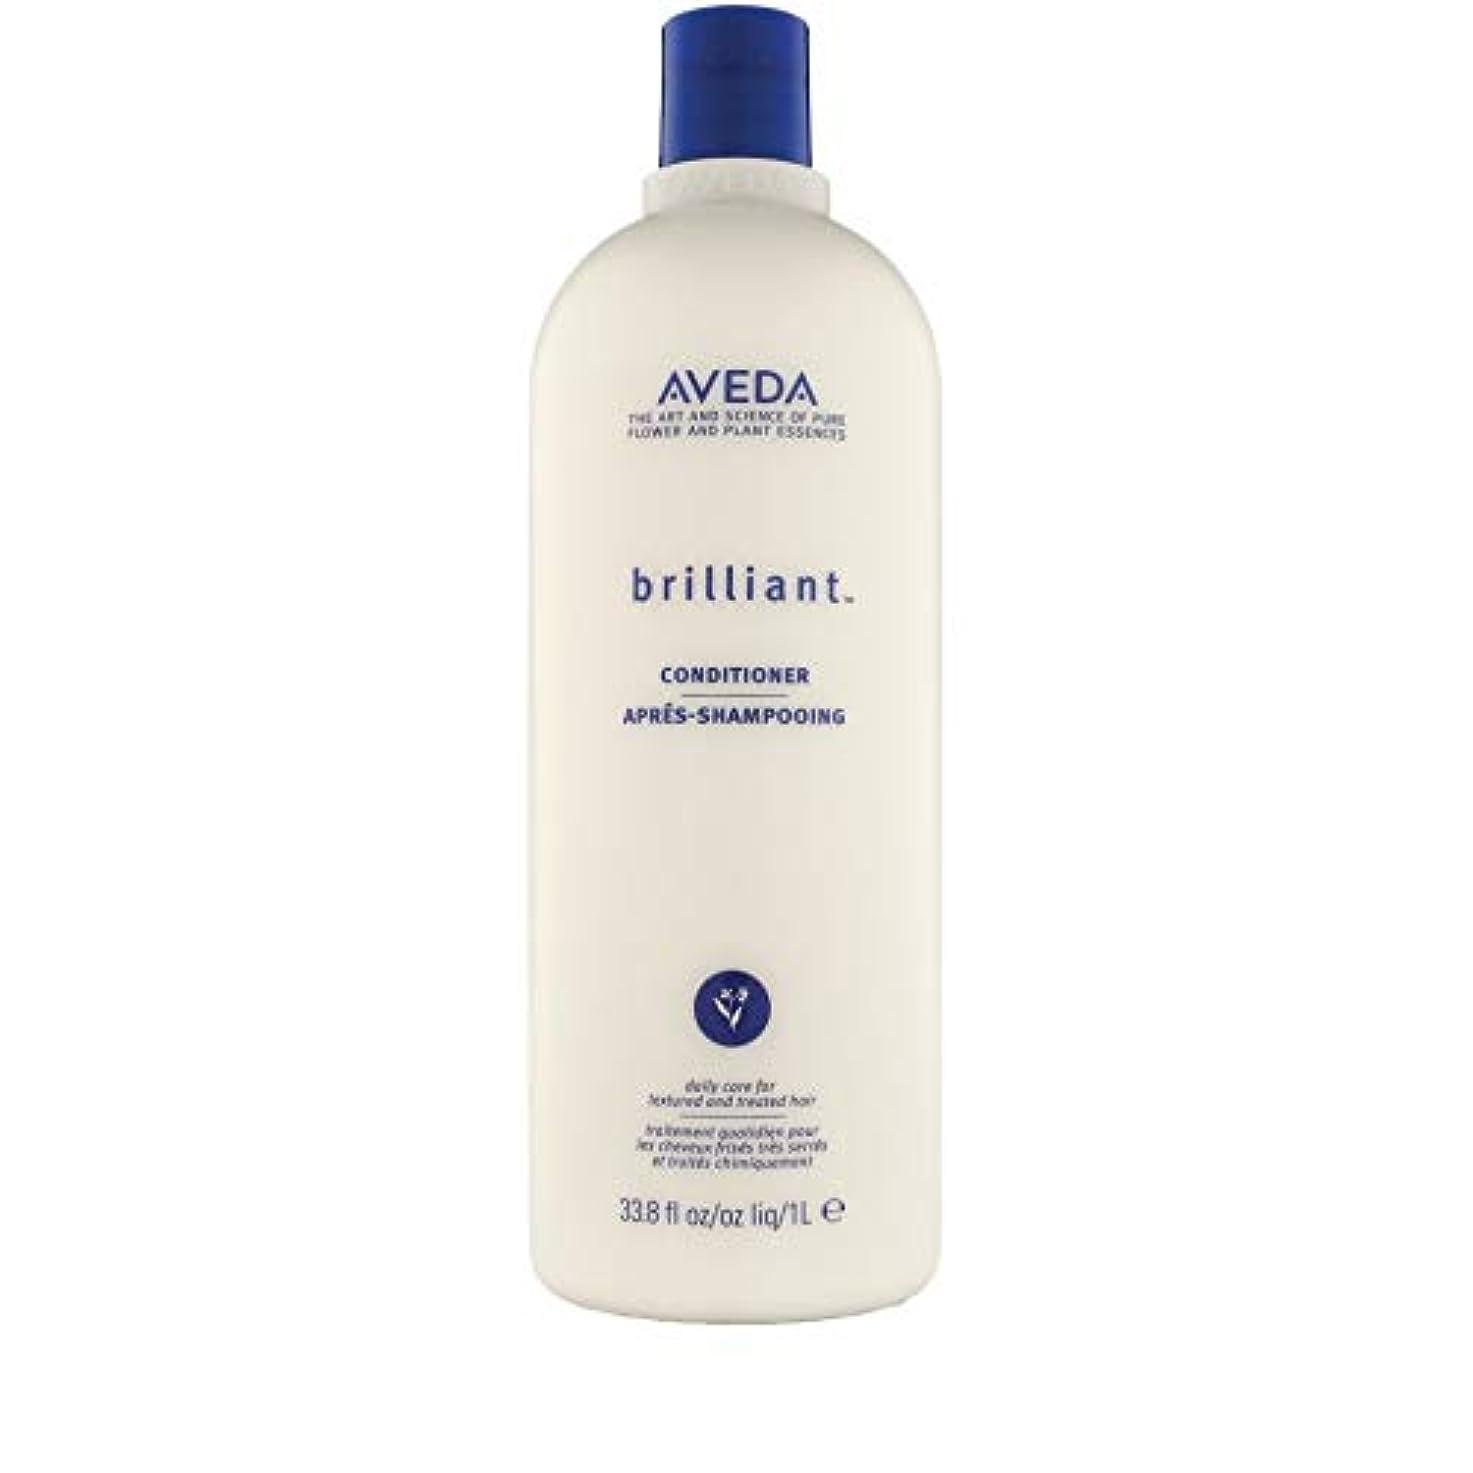 謝罪する後草[AVEDA ] アヴェダ華麗コンディショナー1リットル - Aveda Brilliant Conditioner 1L [並行輸入品]